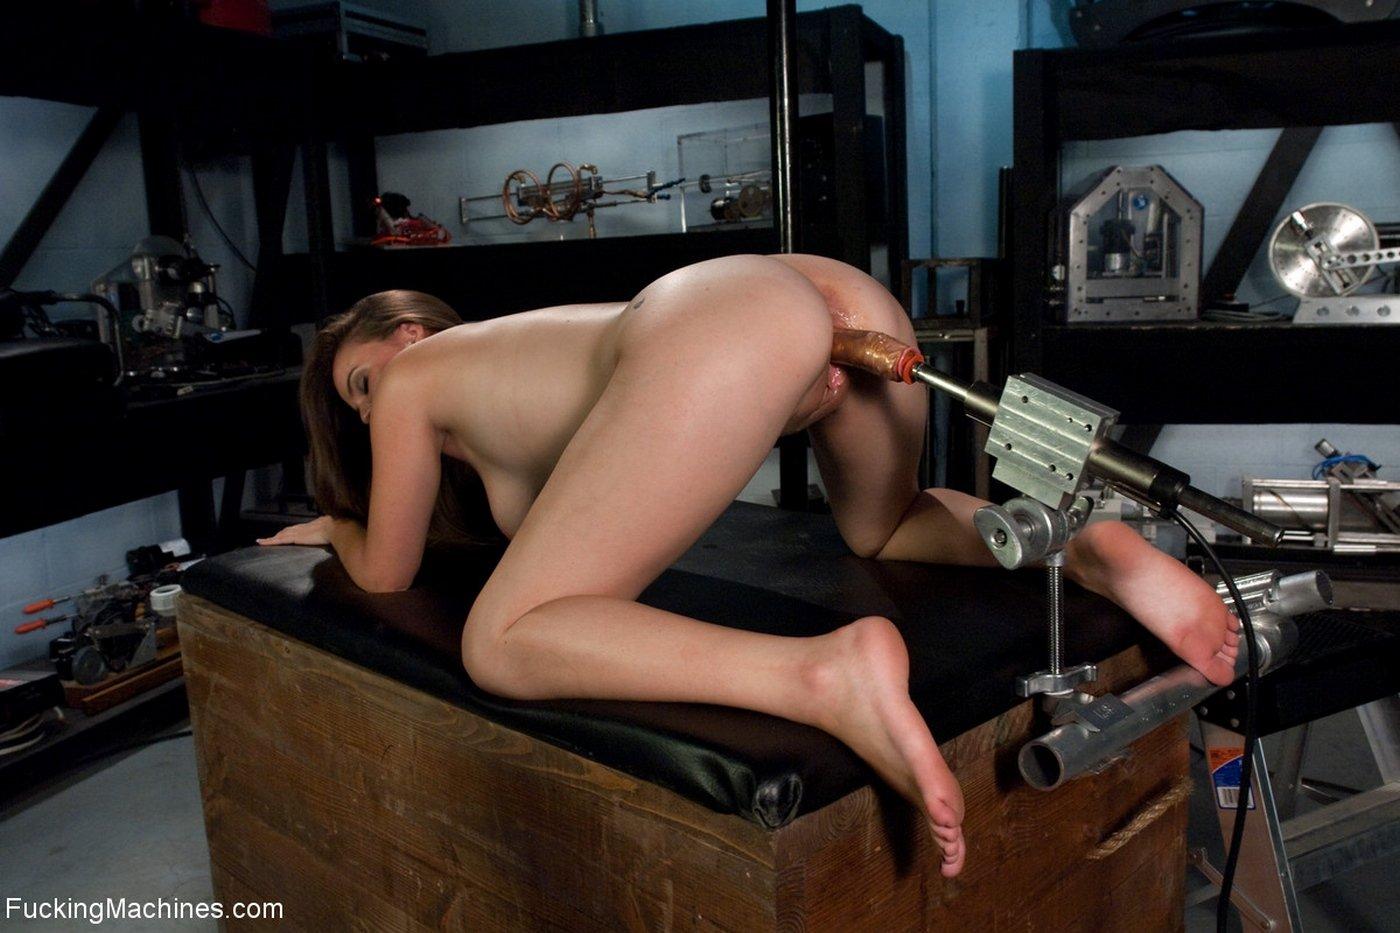 seks-mashini-porno-galerei